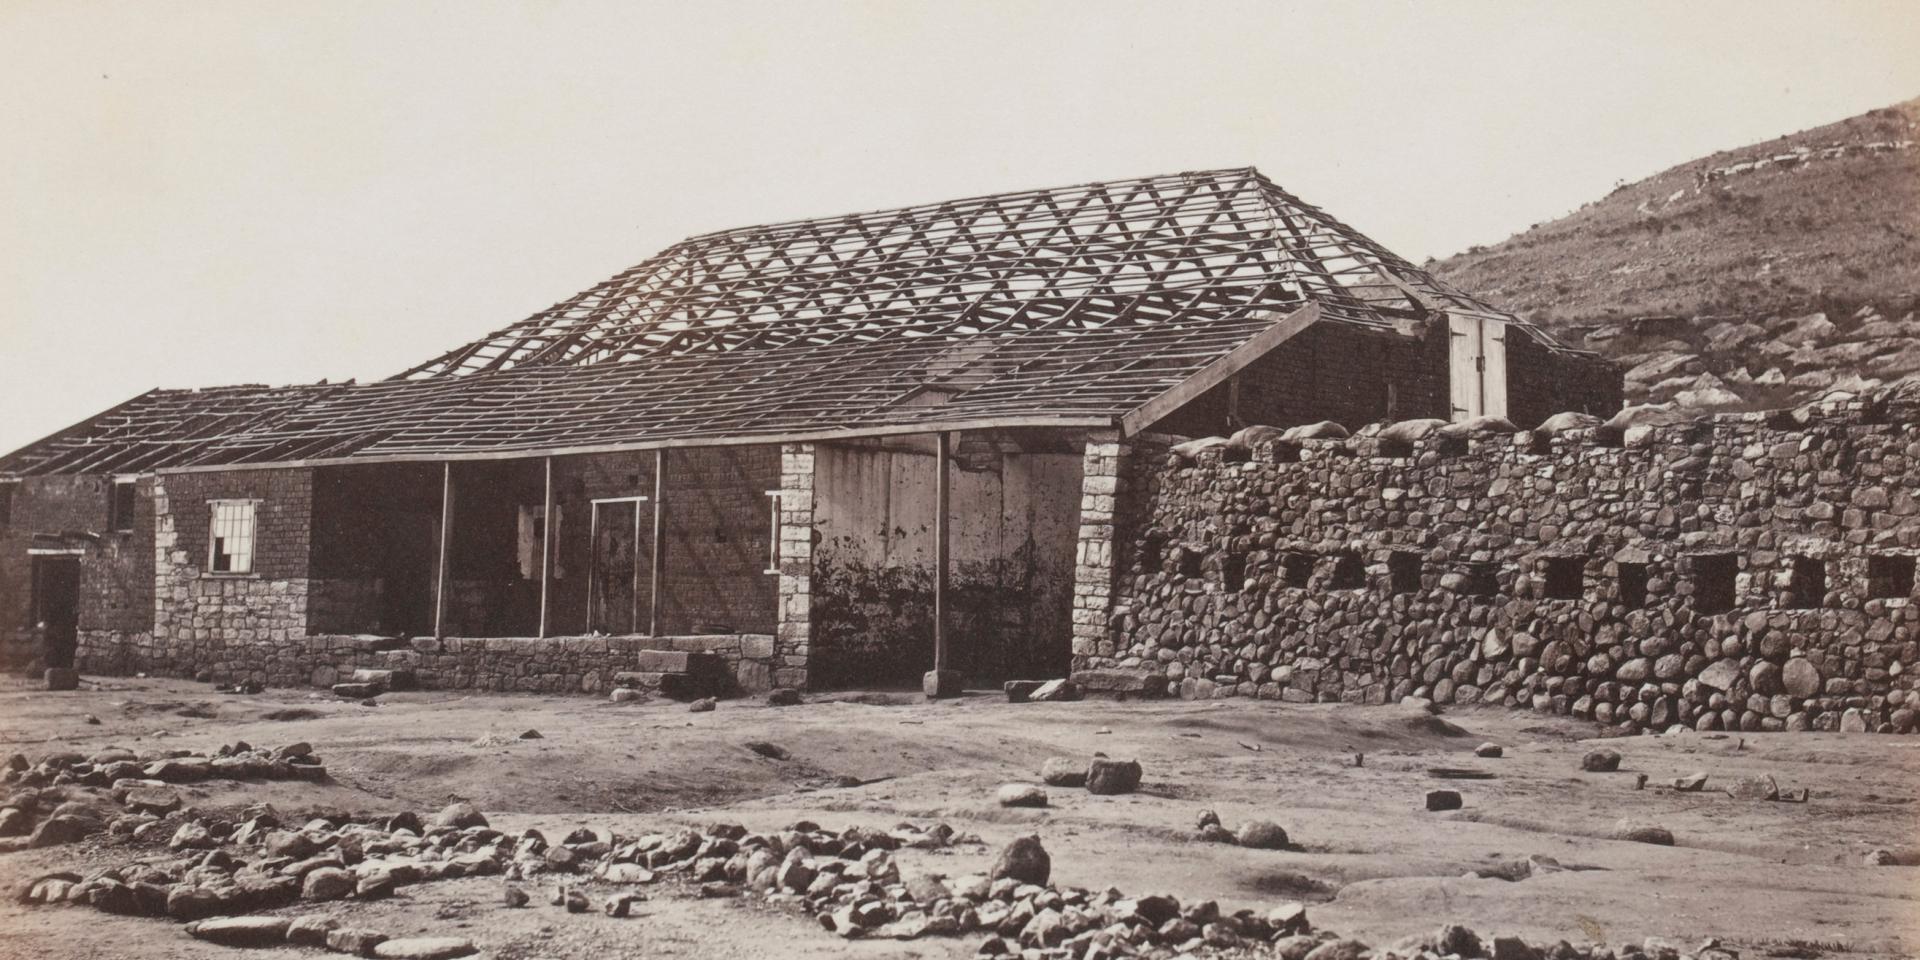 Storehouse at Rorke's Drift, June 1879